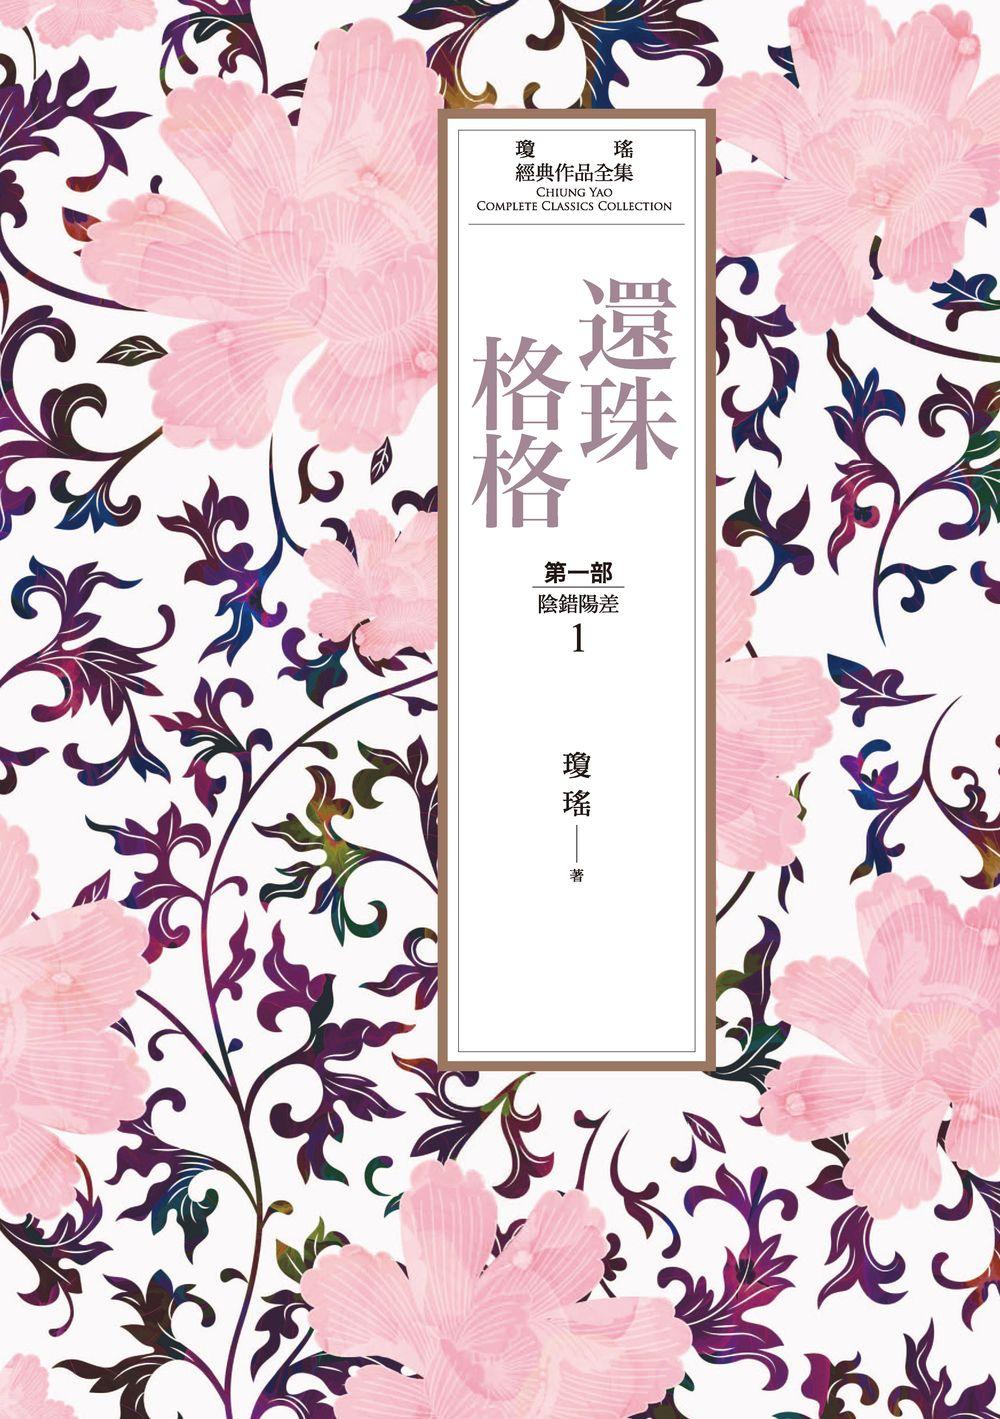 瓊瑤經典作品全集 13:還珠格格.第一部(1)陰錯陽差 (電子書)